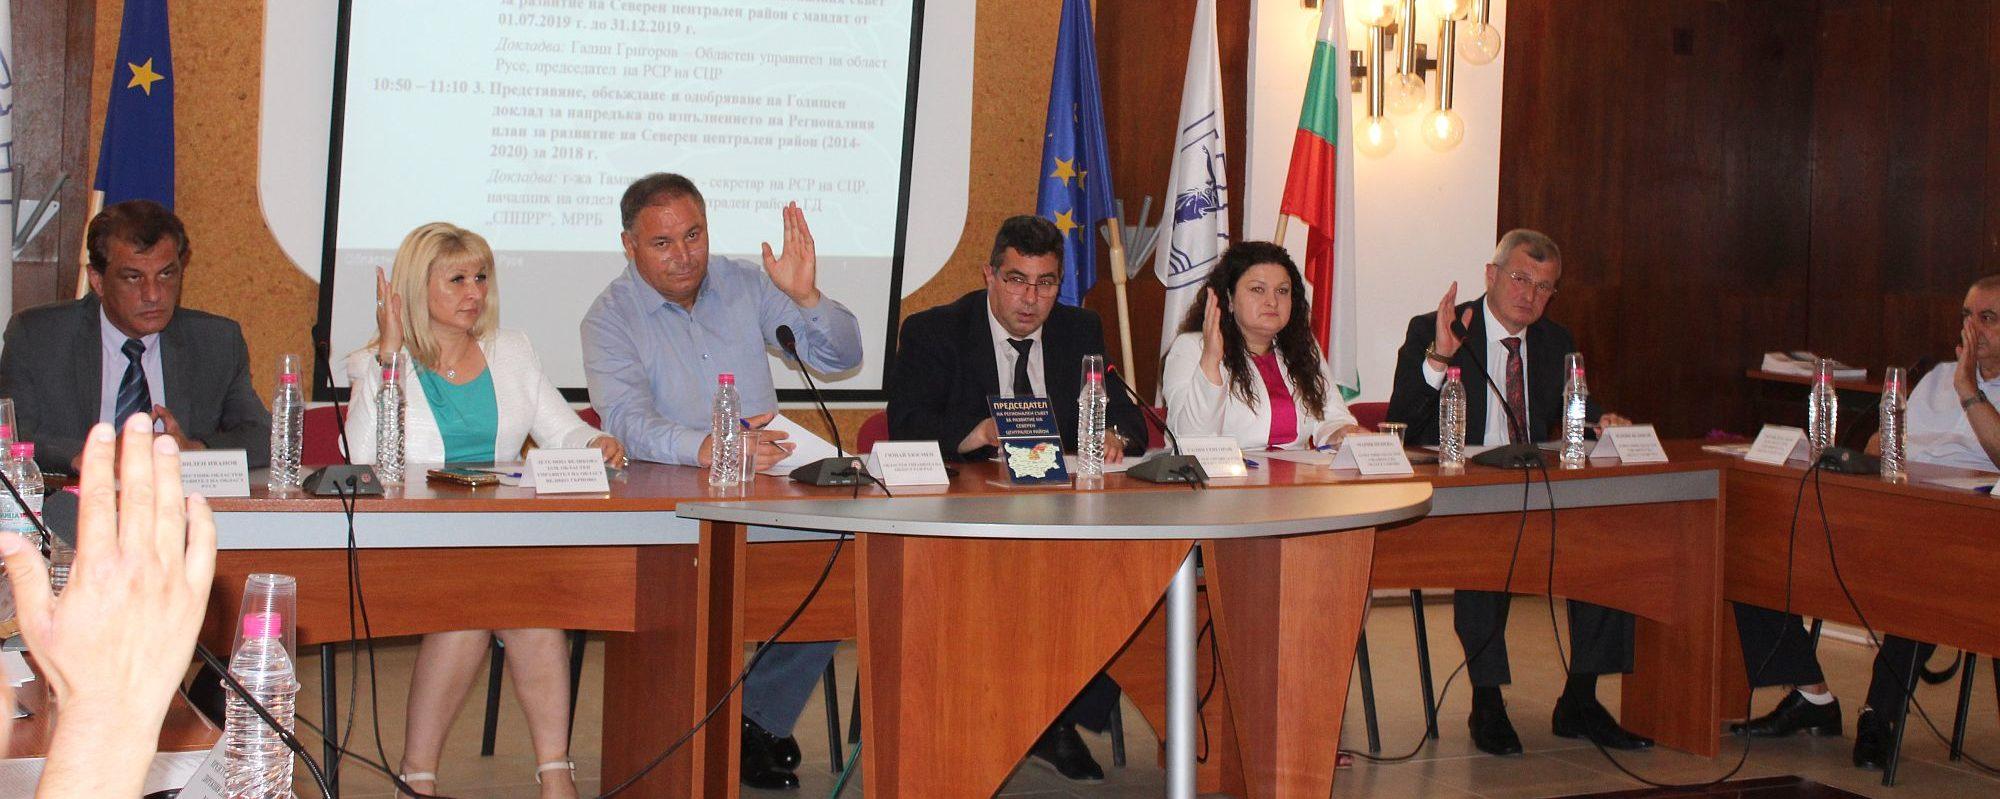 Областният управител Гюнай Хюсмен участва в заседание ...